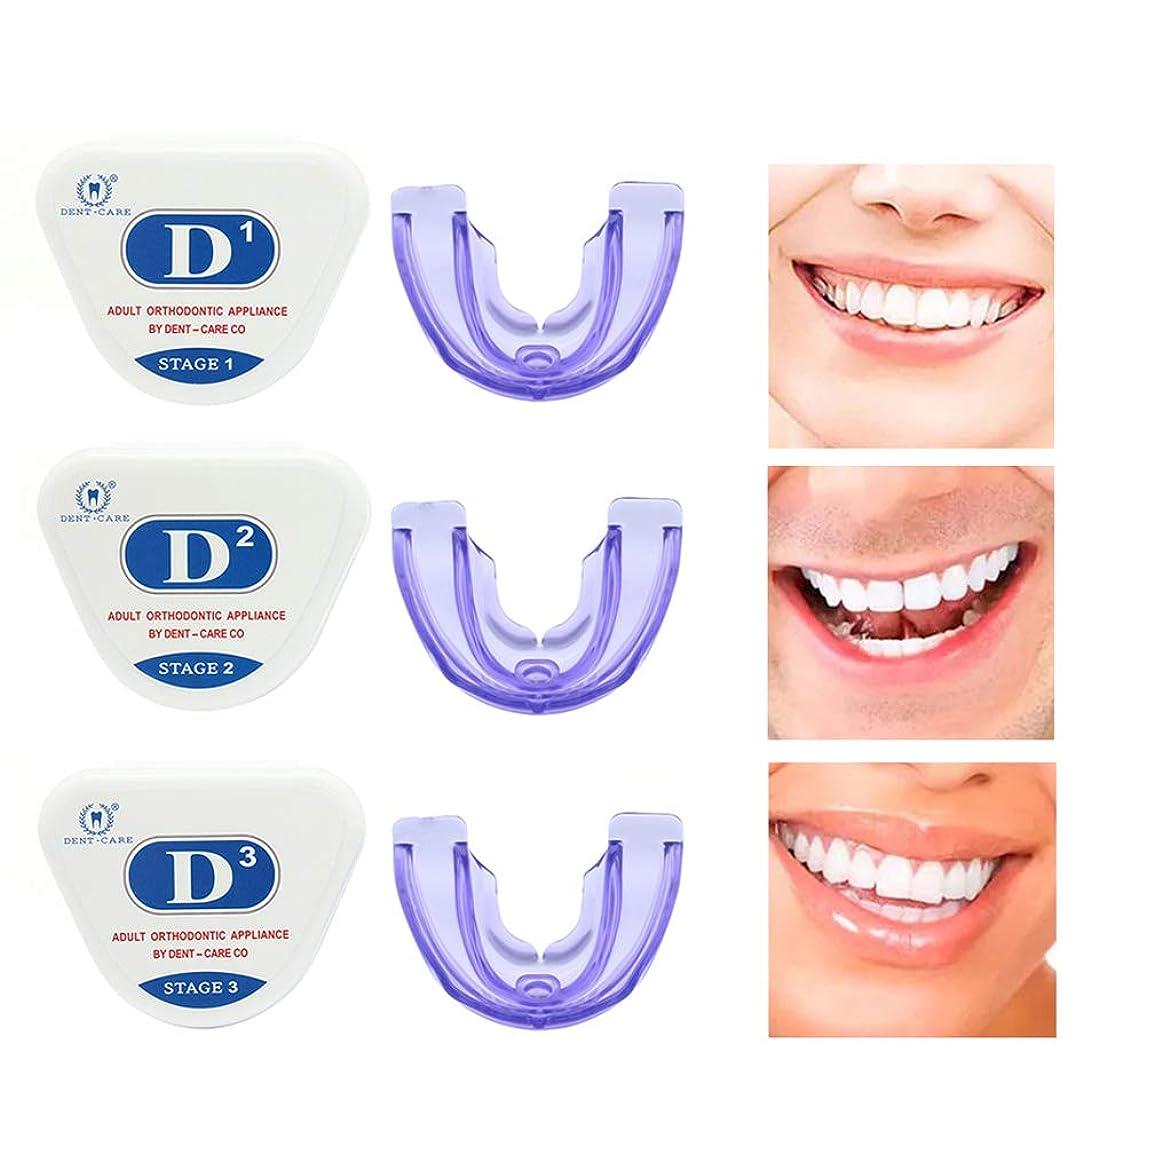 ディンカルビルウェーハトマト歯合わせリテーナ、歯列矯正用リテーナ、歯列矯正用歯型アプライアンスナイトマウスガードスリム、矯正用プロテクター、歯科矯正トレーナ,D1+D2+D3